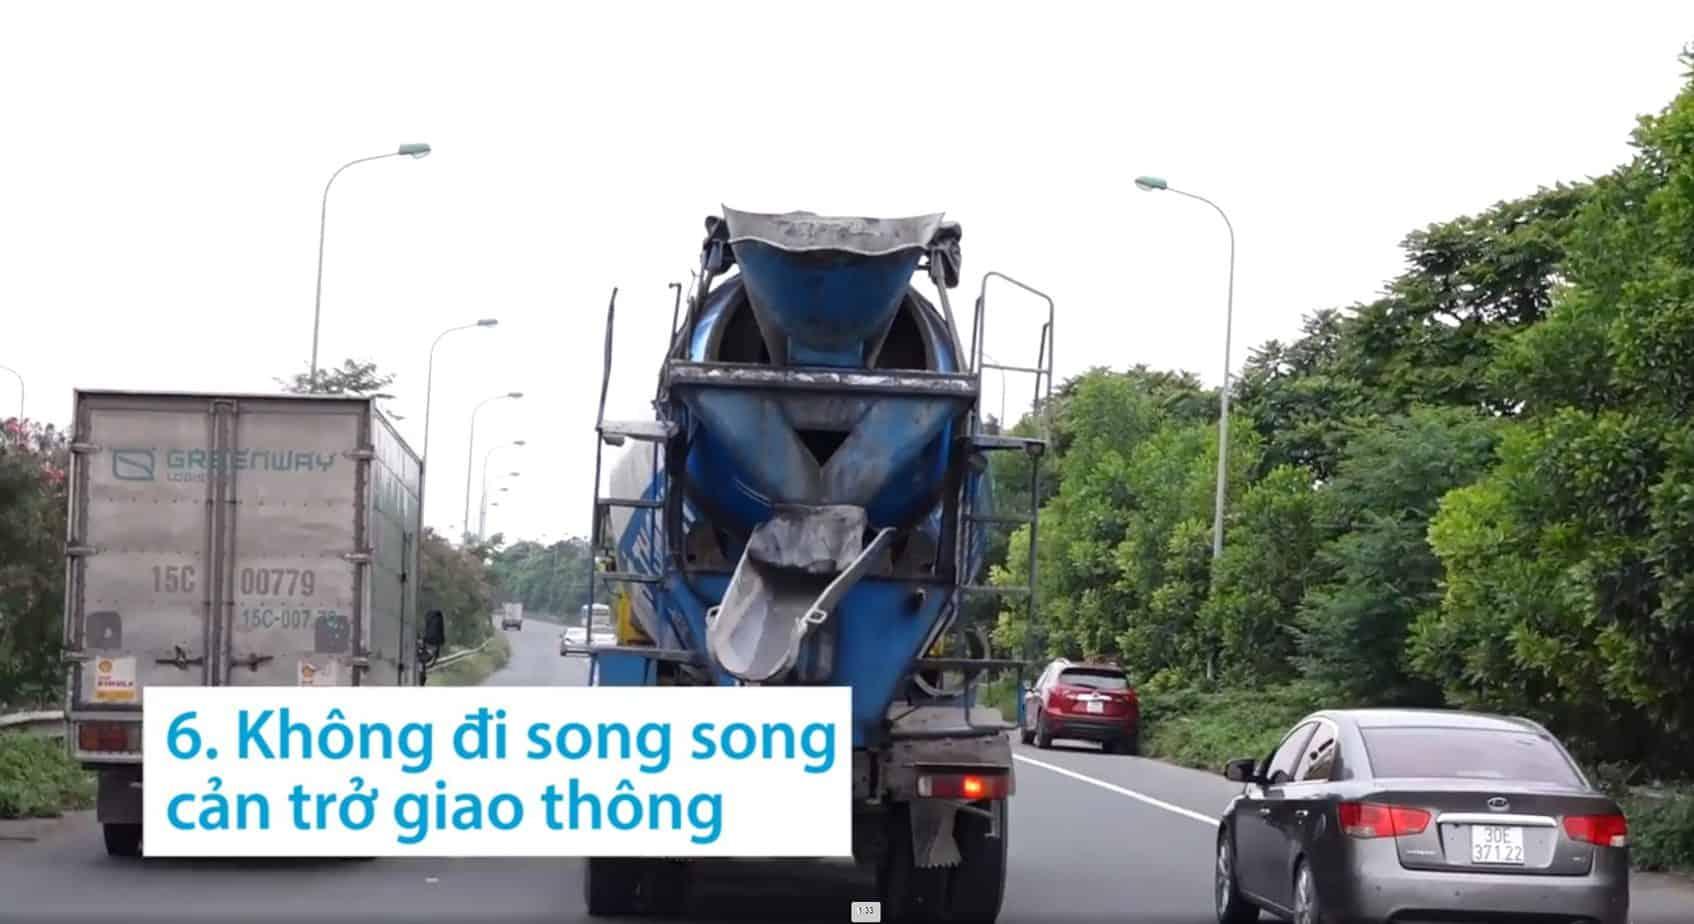 khong di song song gay can tro giao thong duong bo